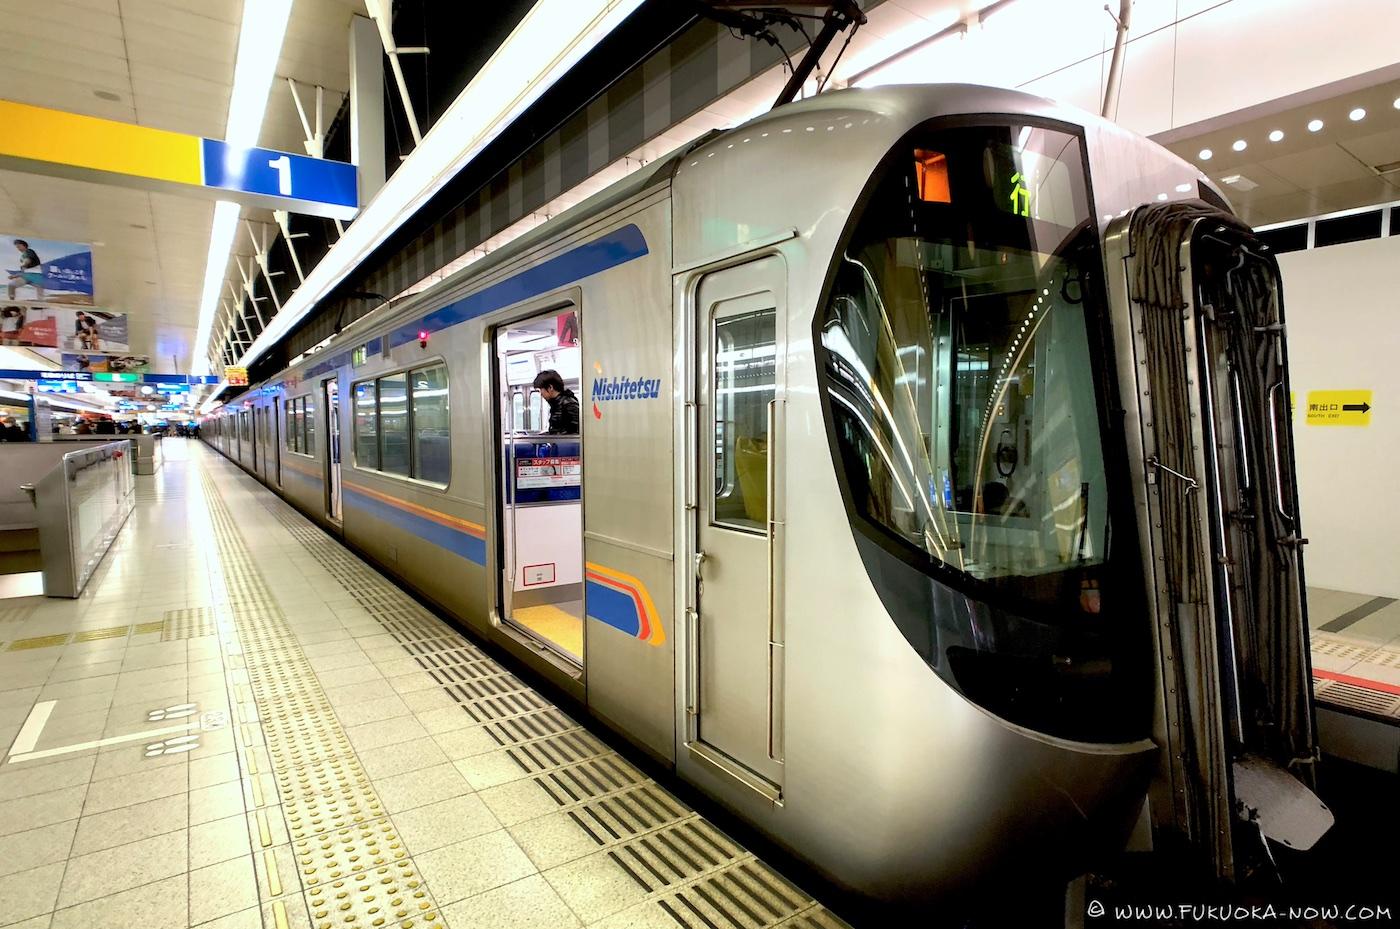 nishitetsu, train, nishitetsu train, fukuoka